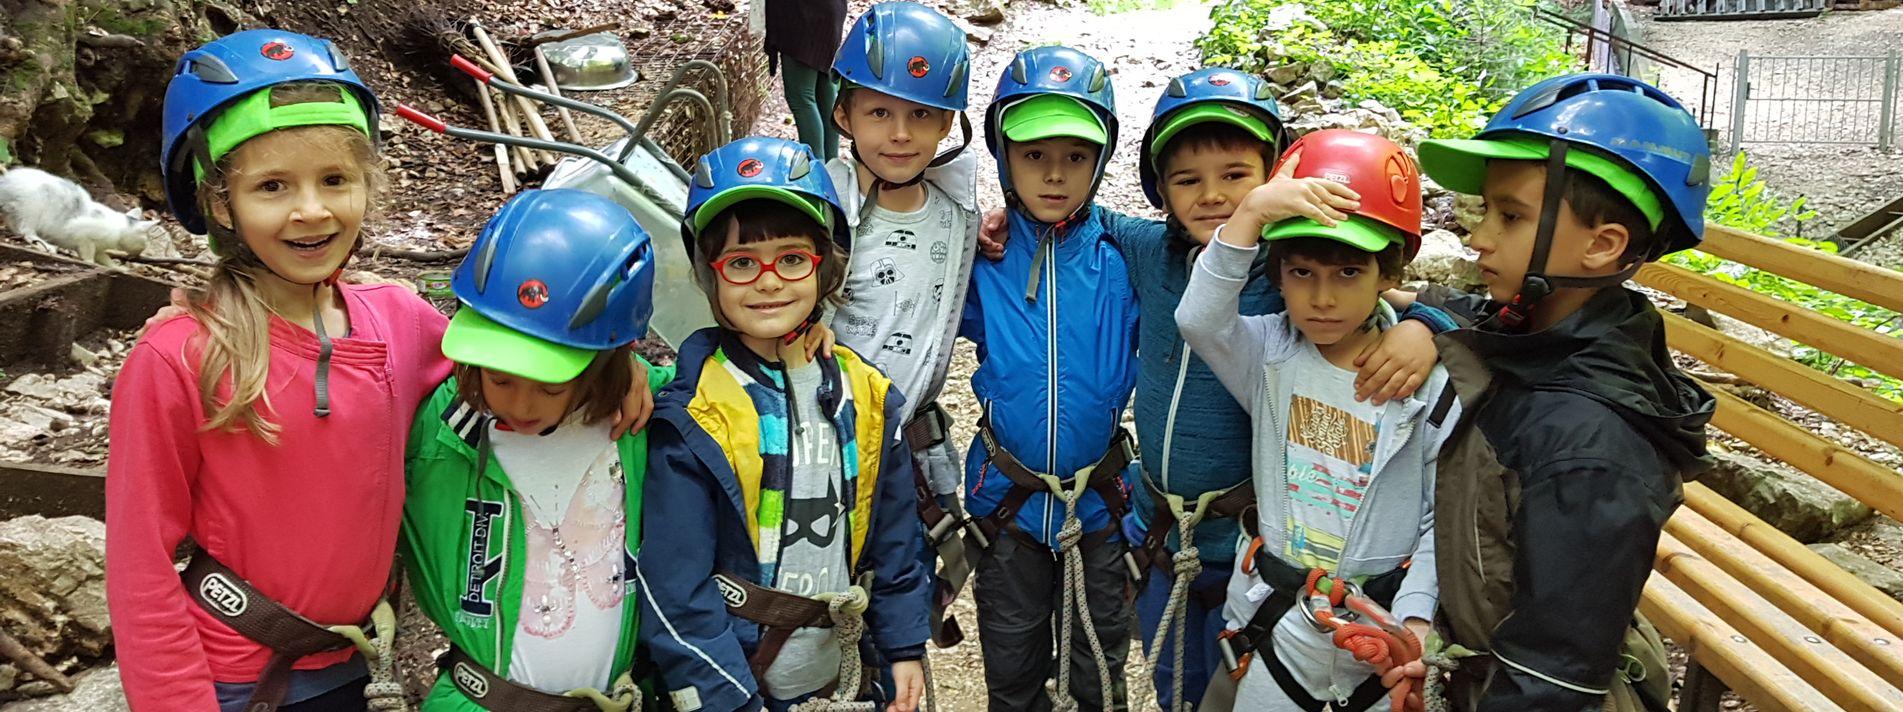 Scoala de vara pentru copii | Sport Ski Club | Brasov